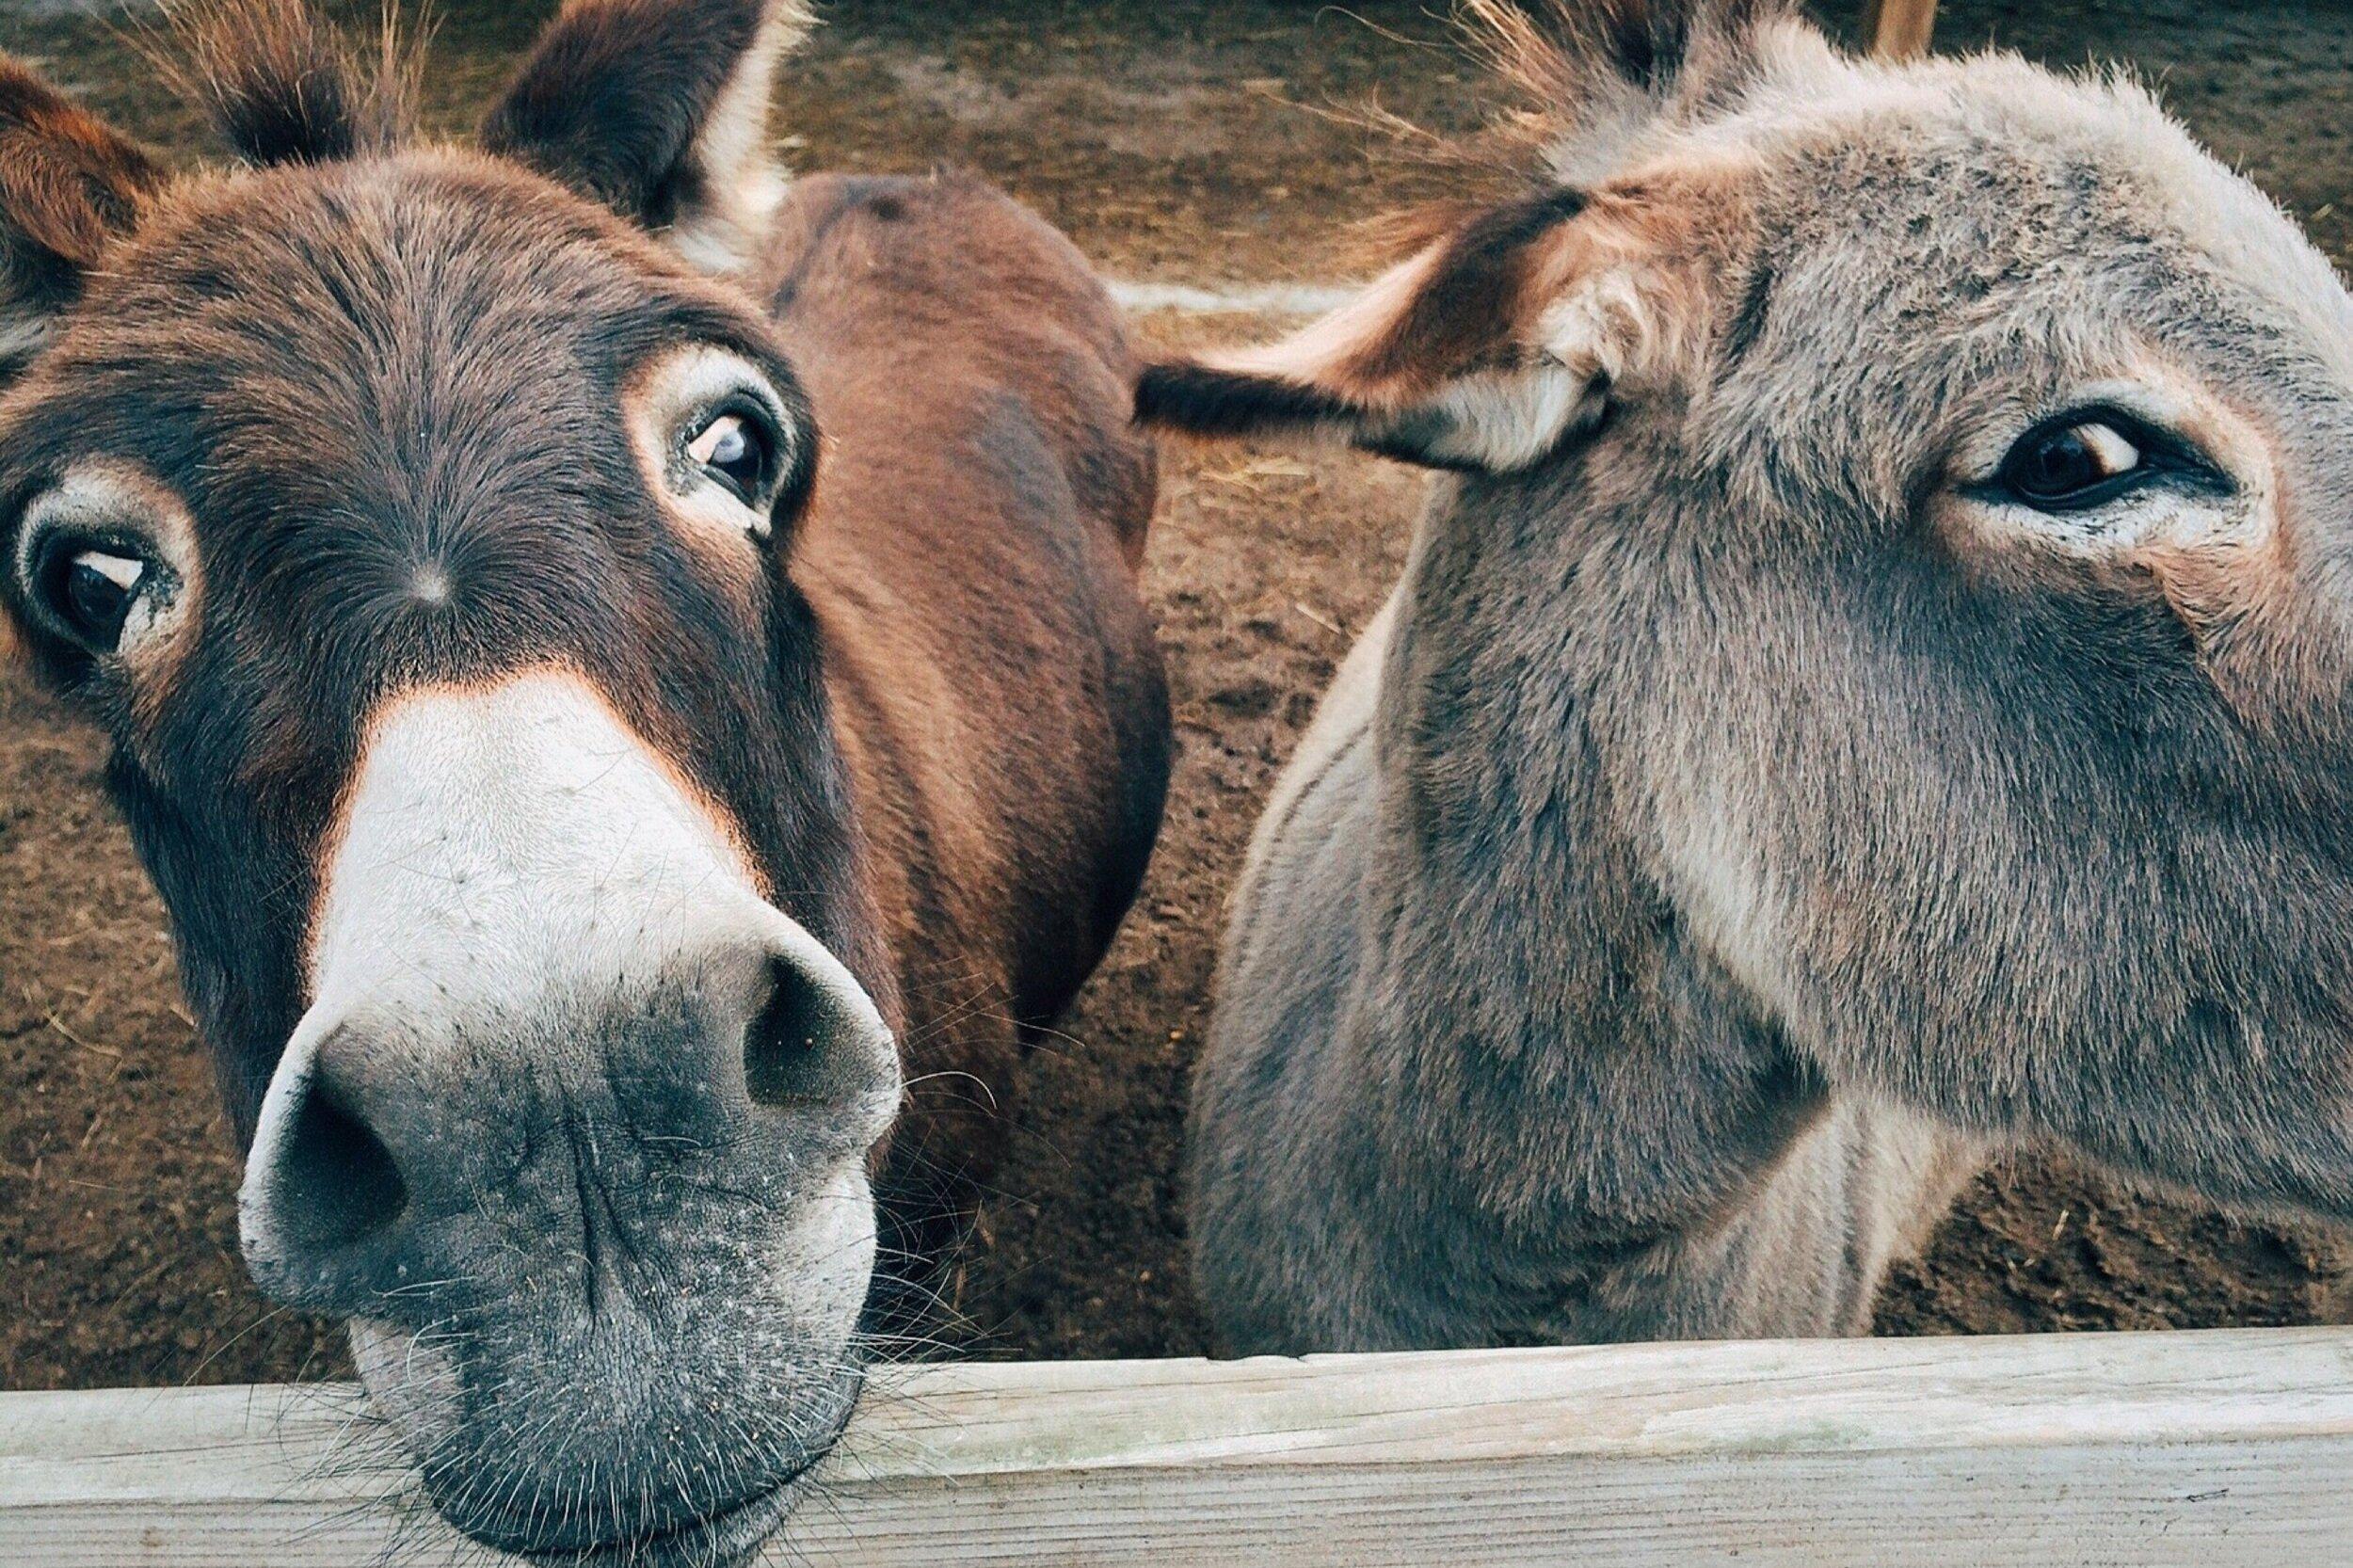 ANIMALES / ACTIVIDADES CON PERROS - Selección de experiencias con animales: actividades con perros y en granjas locales